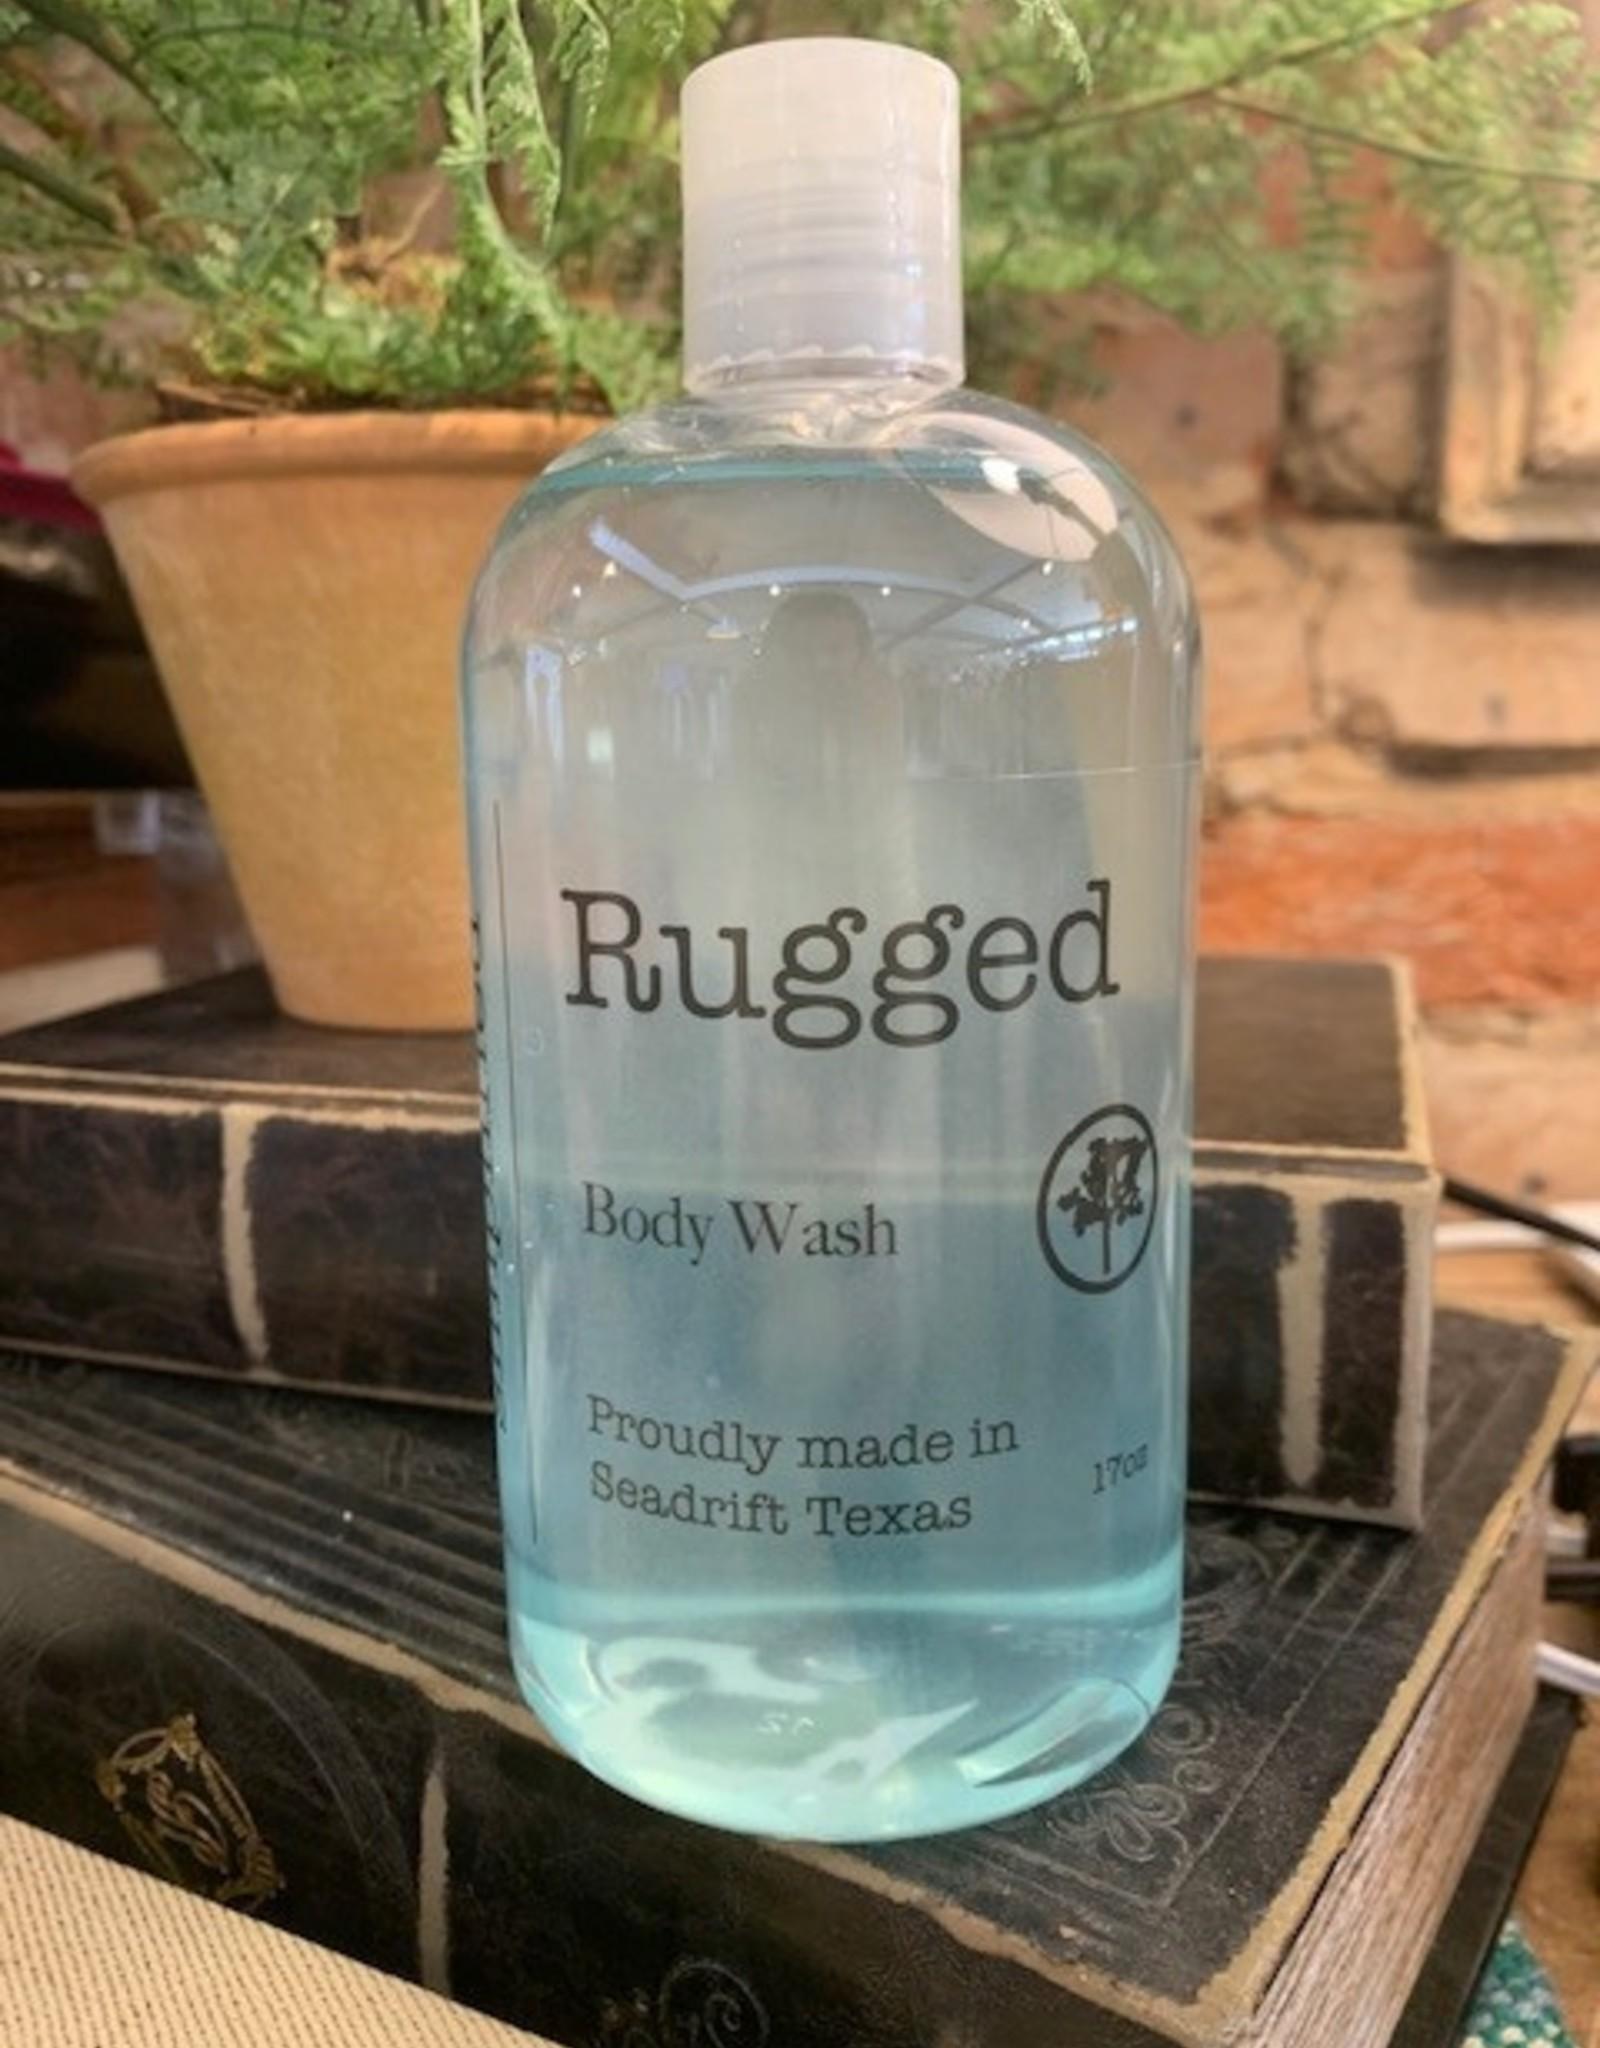 Body Wash - Rugged